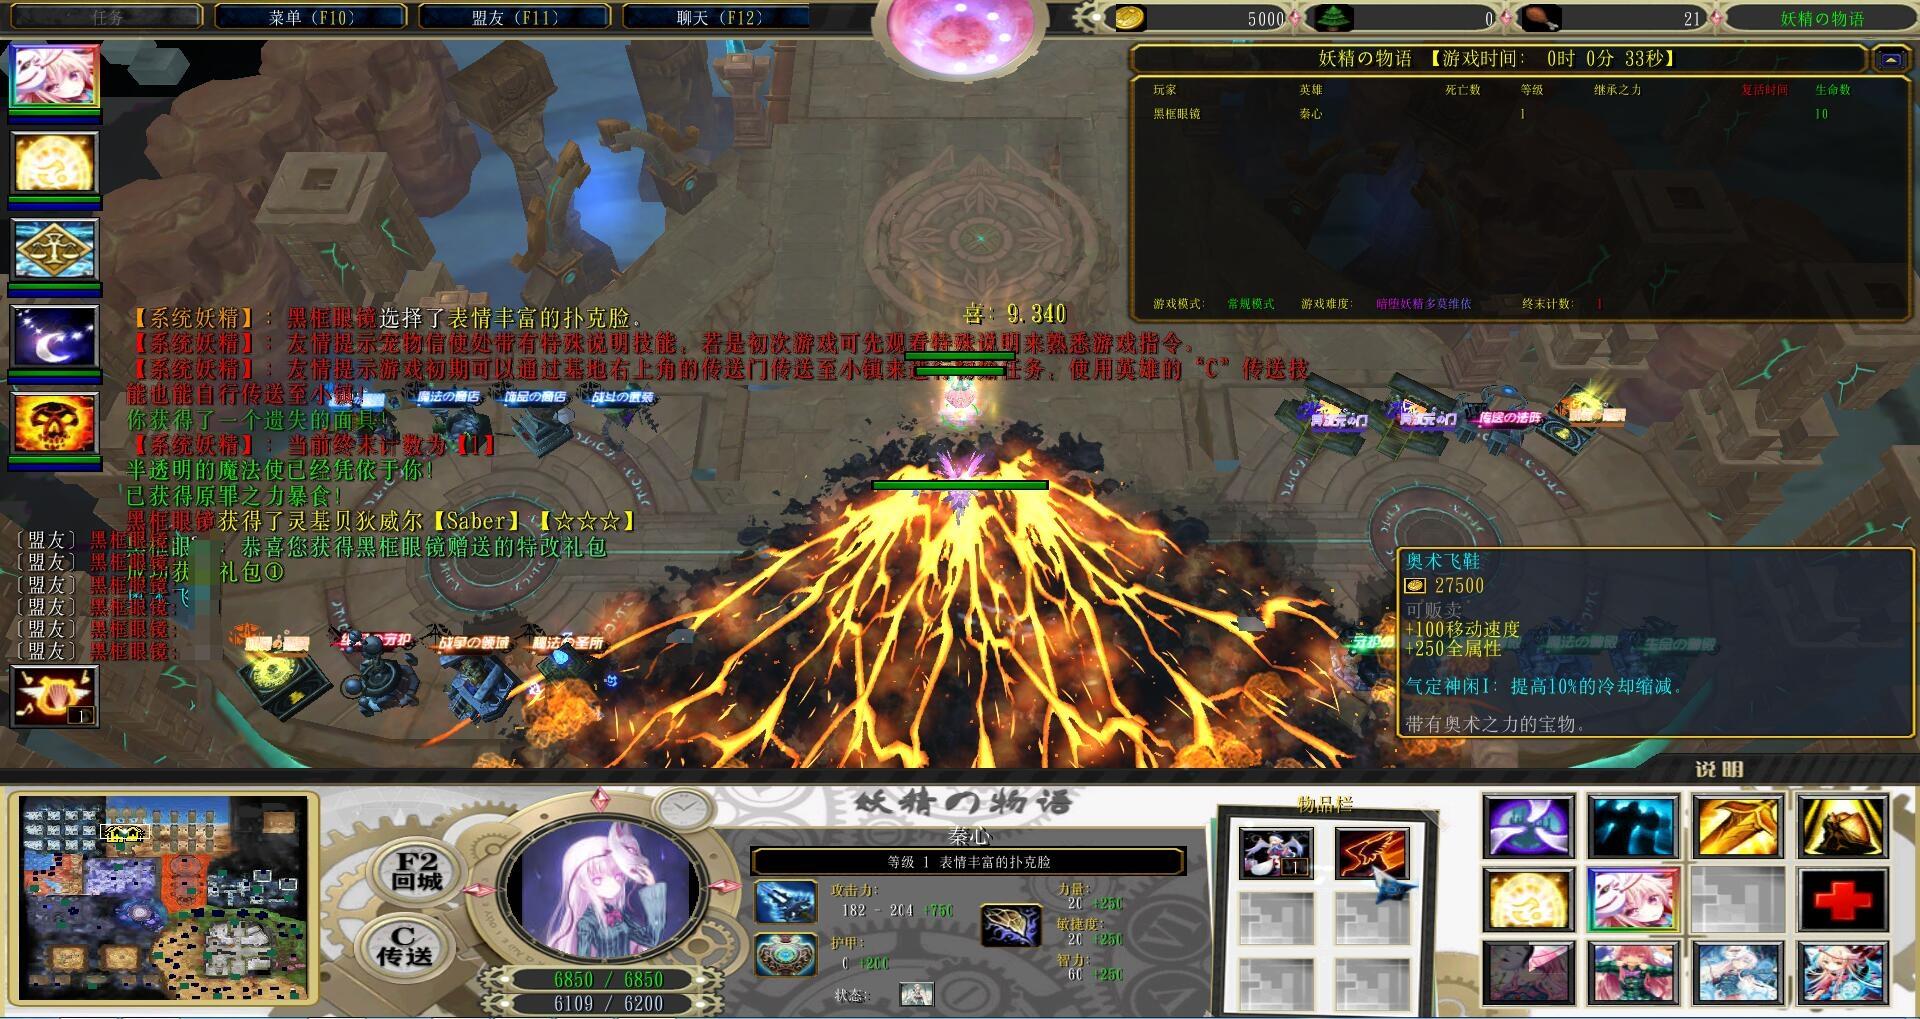 妖精の物语3.11修正黑式破解